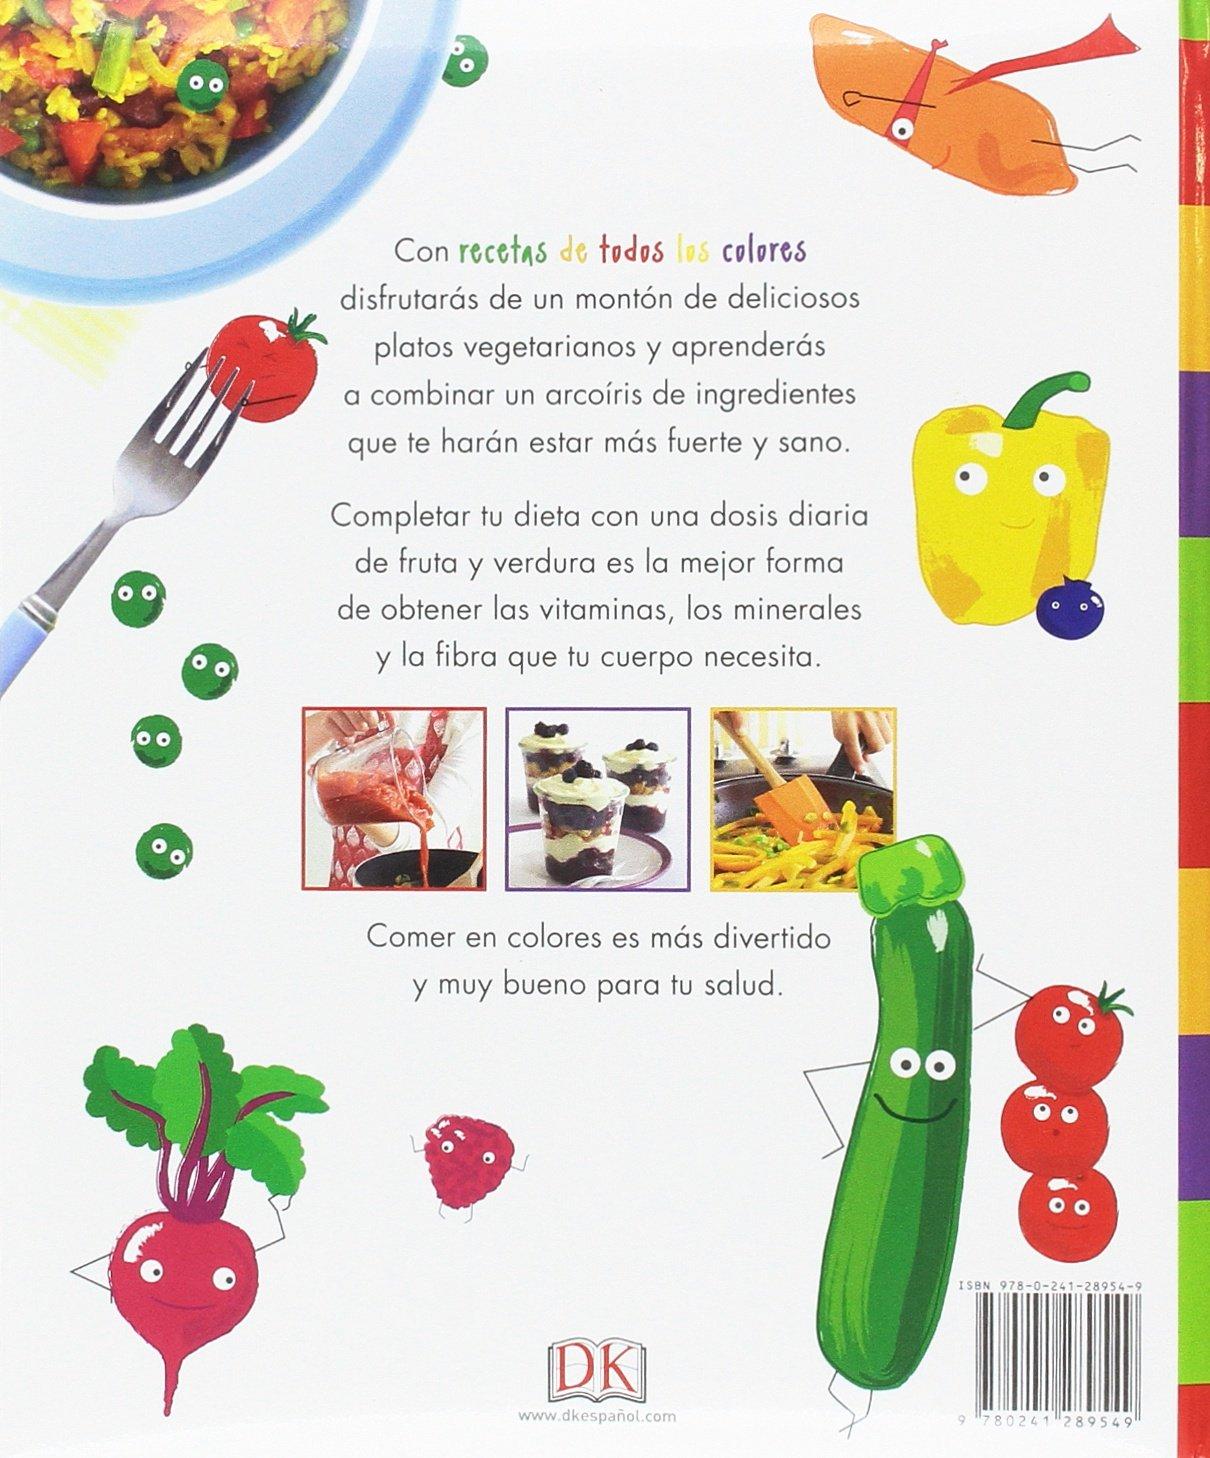 Recetas de todos los colores: Una guía multicolor llena de nutritivas delicias VIDA SANA Y NUTRICION: Amazon.es: Varios autores: Libros